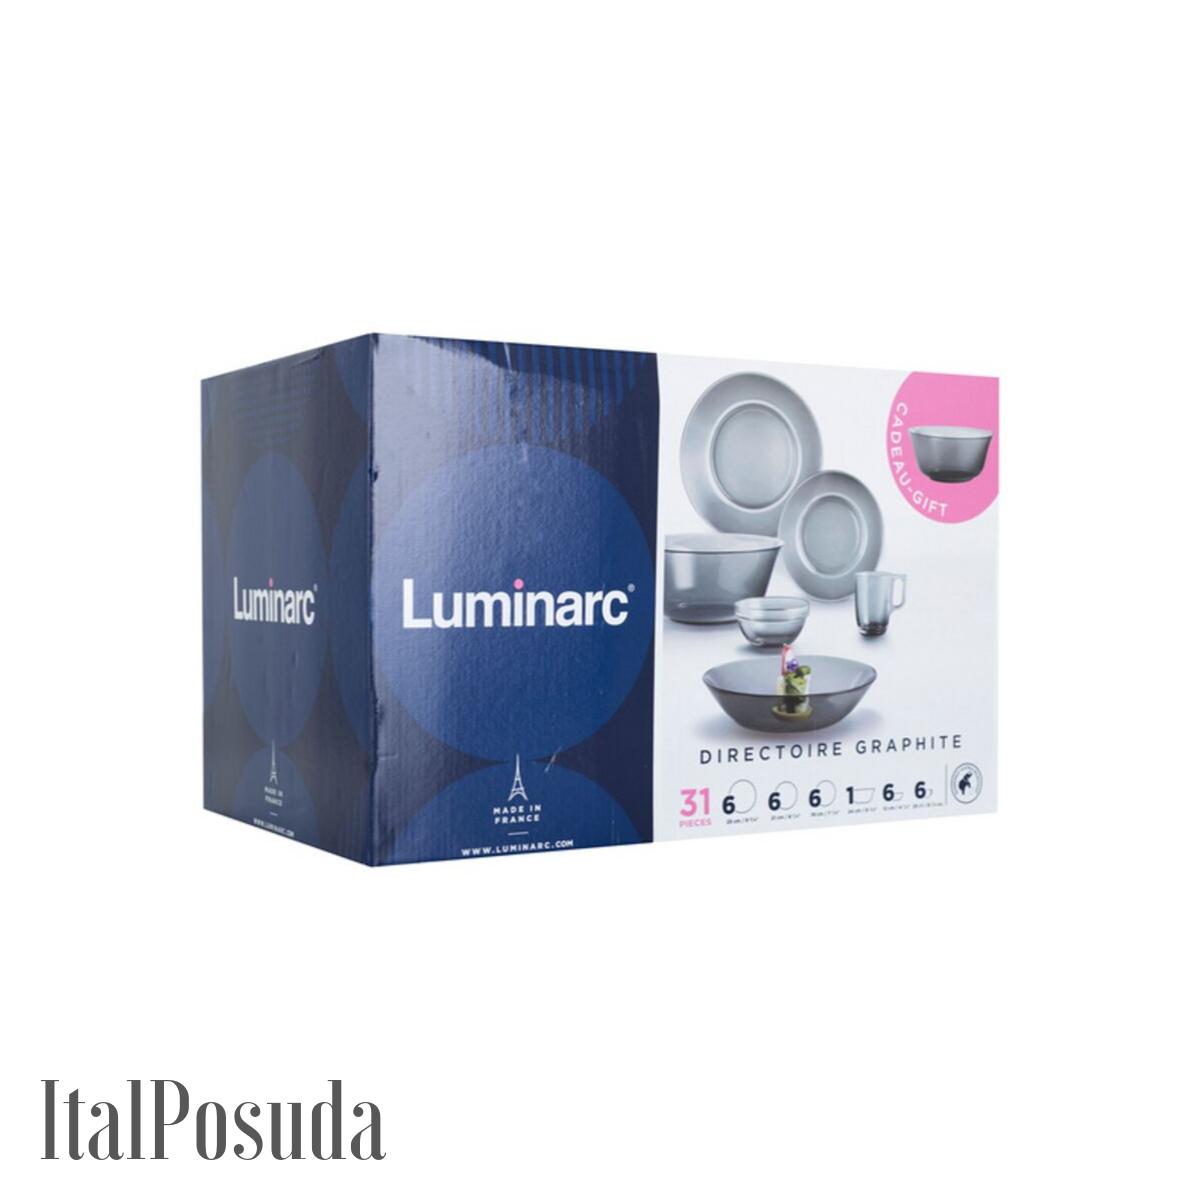 Столовый сервиз Luminarc Directoire Graphit (Директор Графит), 31 предмет N5771